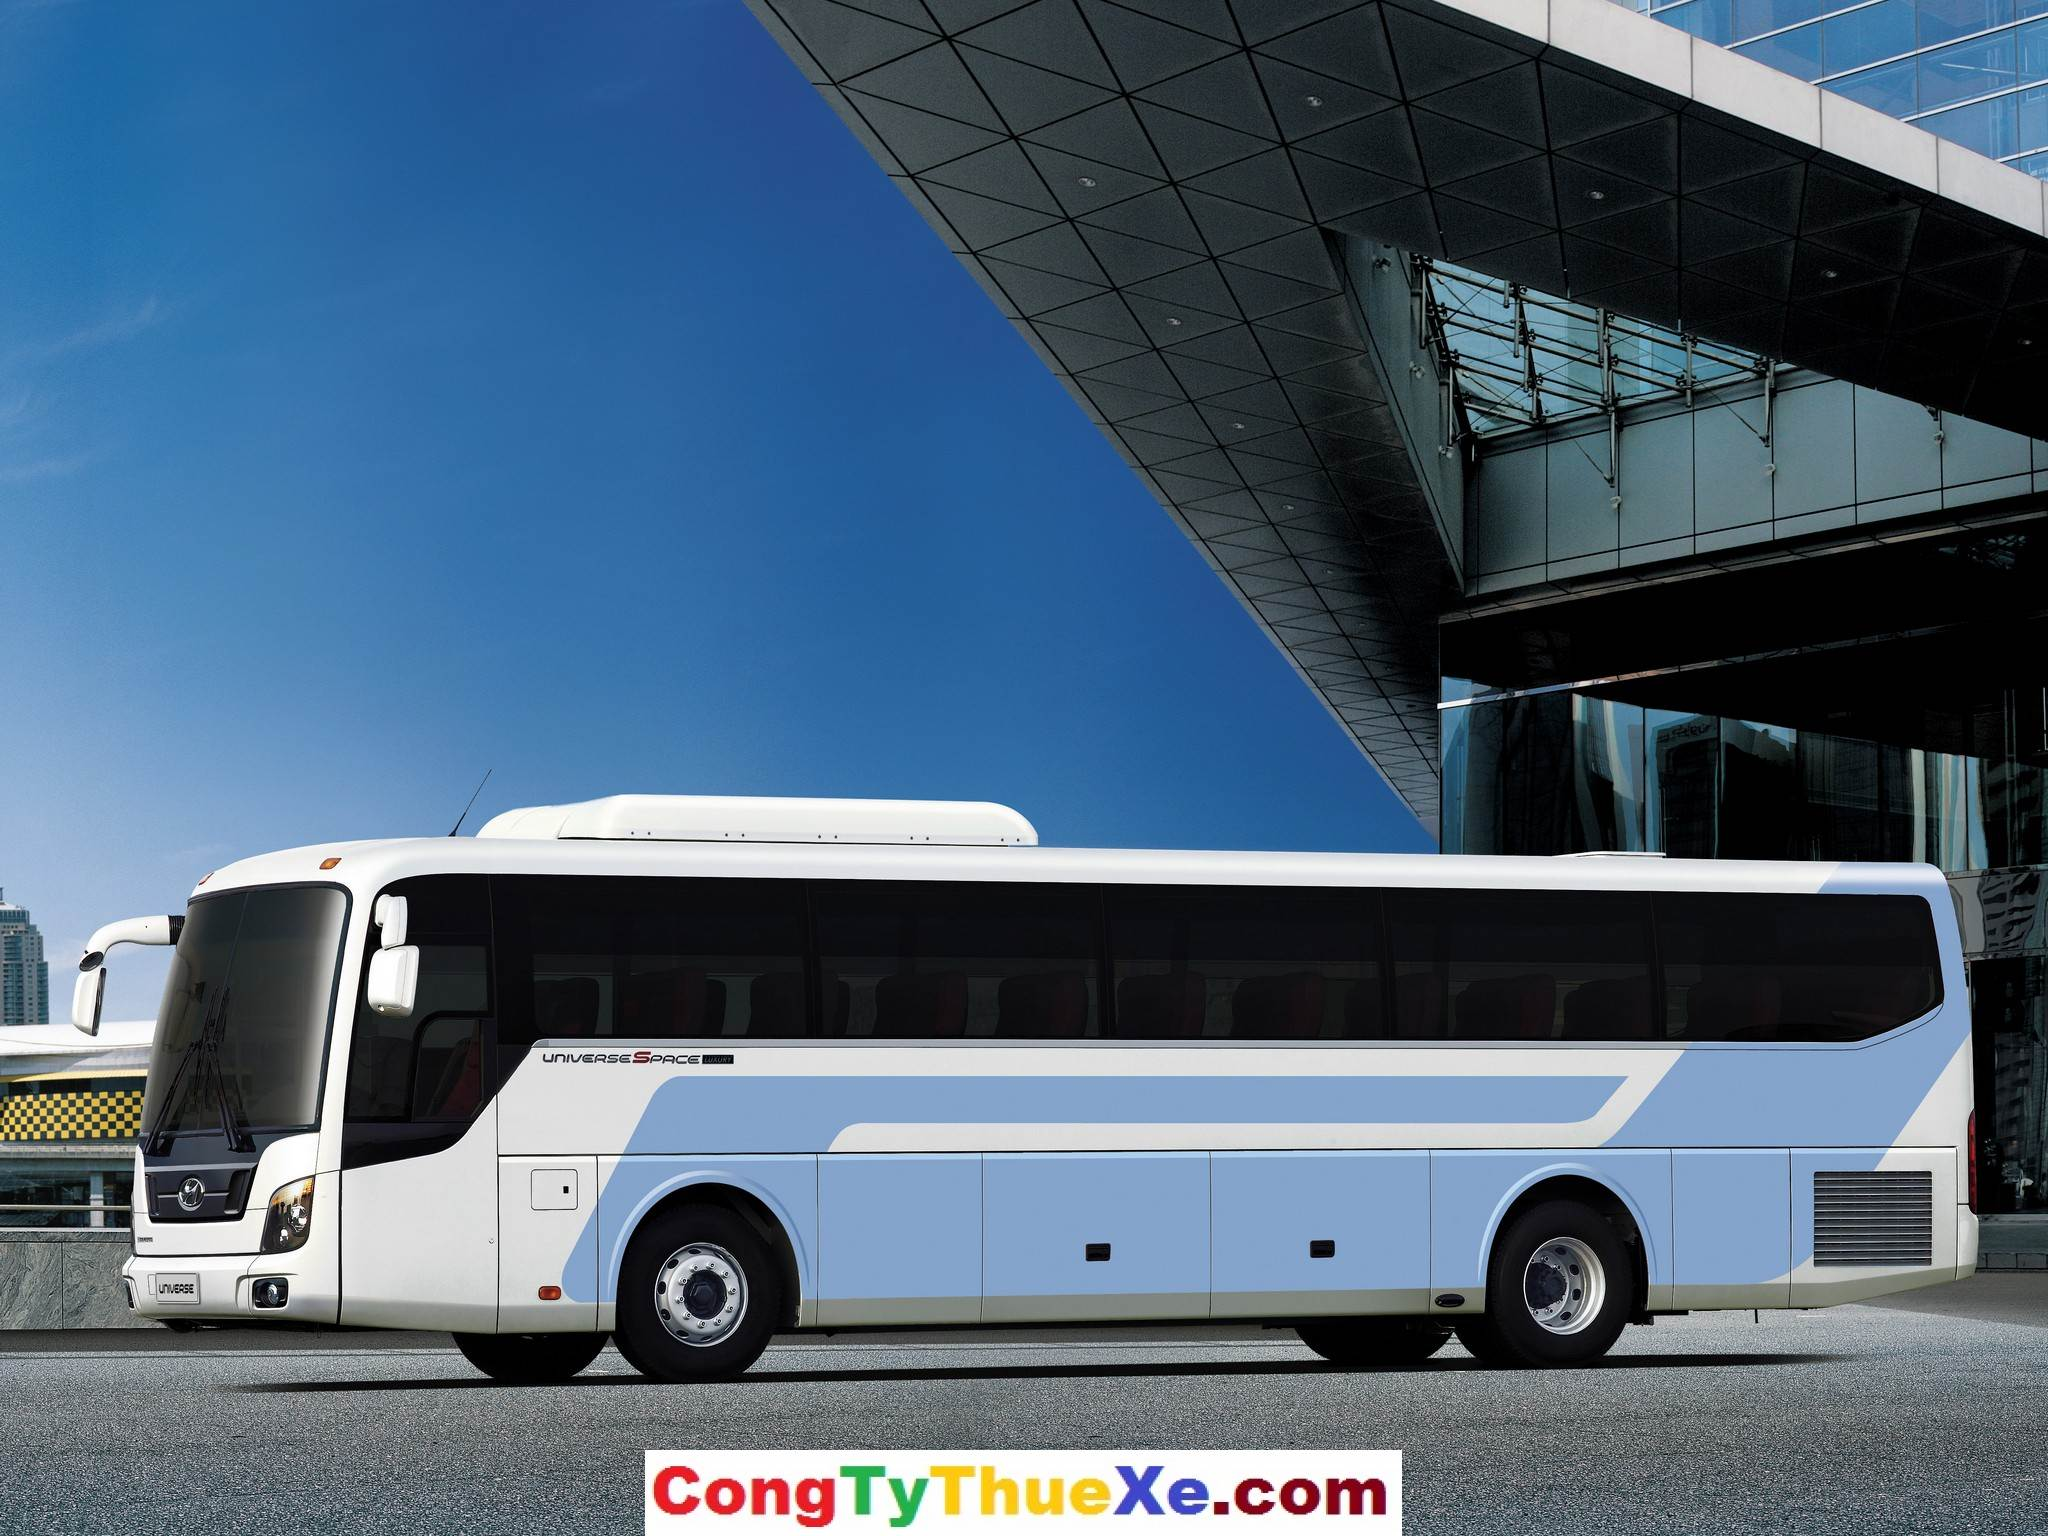 Cho thuê xe du lịch 45 chỗ Hyundai Univer giá rẻ